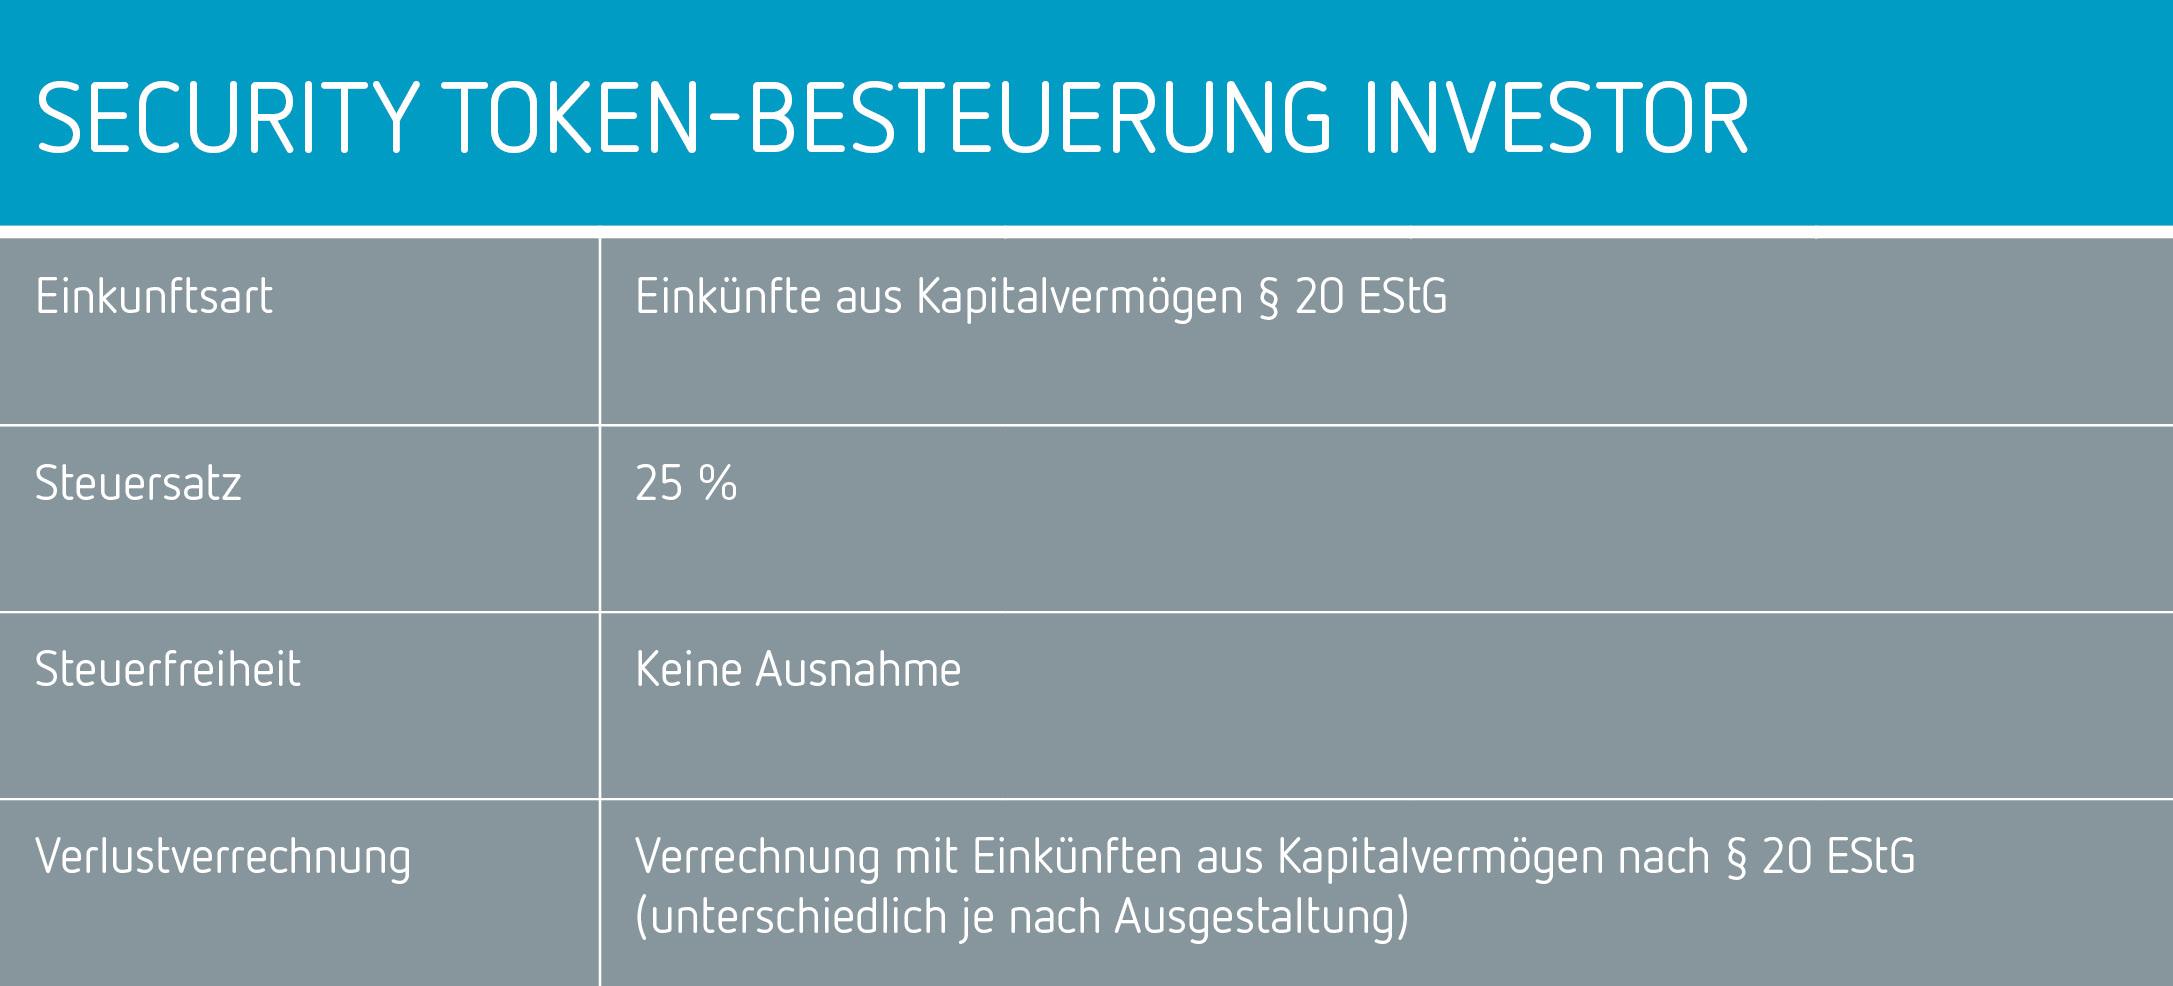 Startmark Tabelle Security-Token-Besteuerung-Investor in Security Token: Für wen das neue regulierte Wertpapierformat attraktiv ist